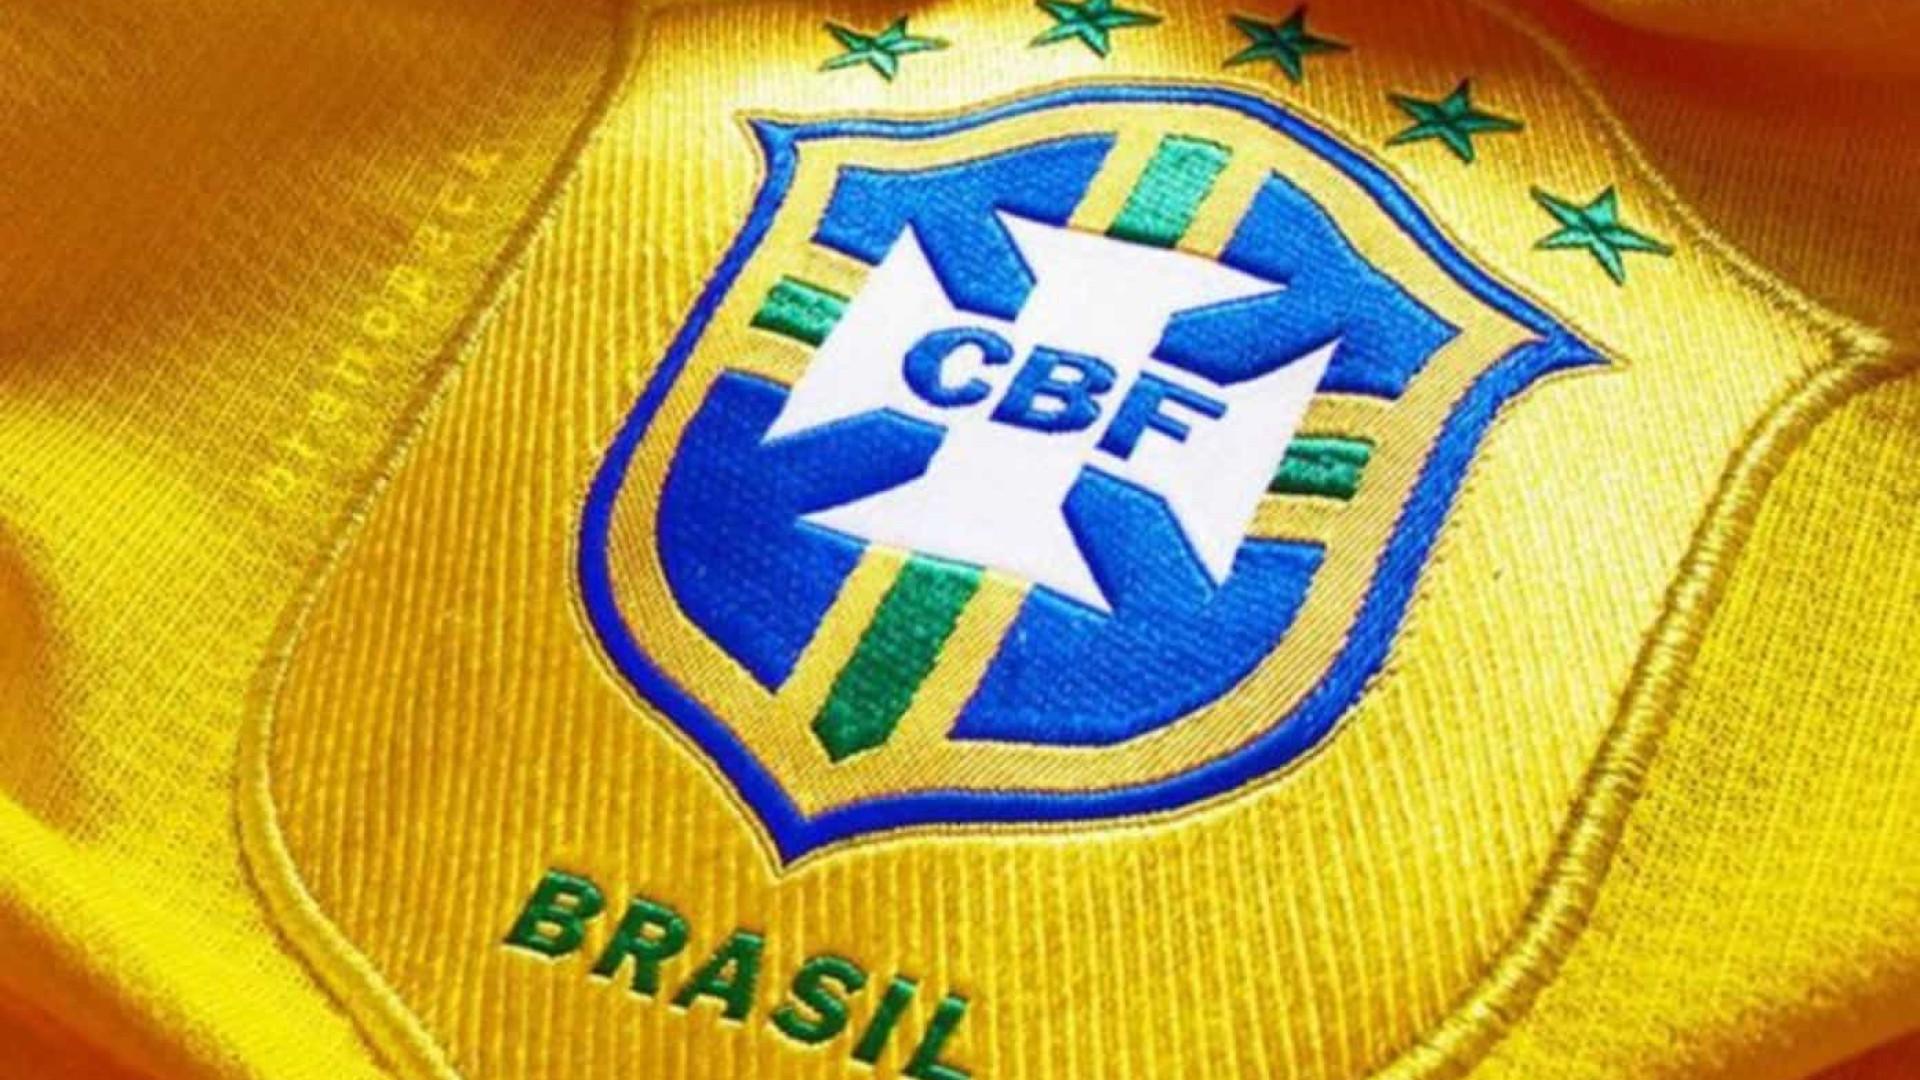 Seleção vai do neutro ao politizado no Twitter após Brasil assumir Copa América